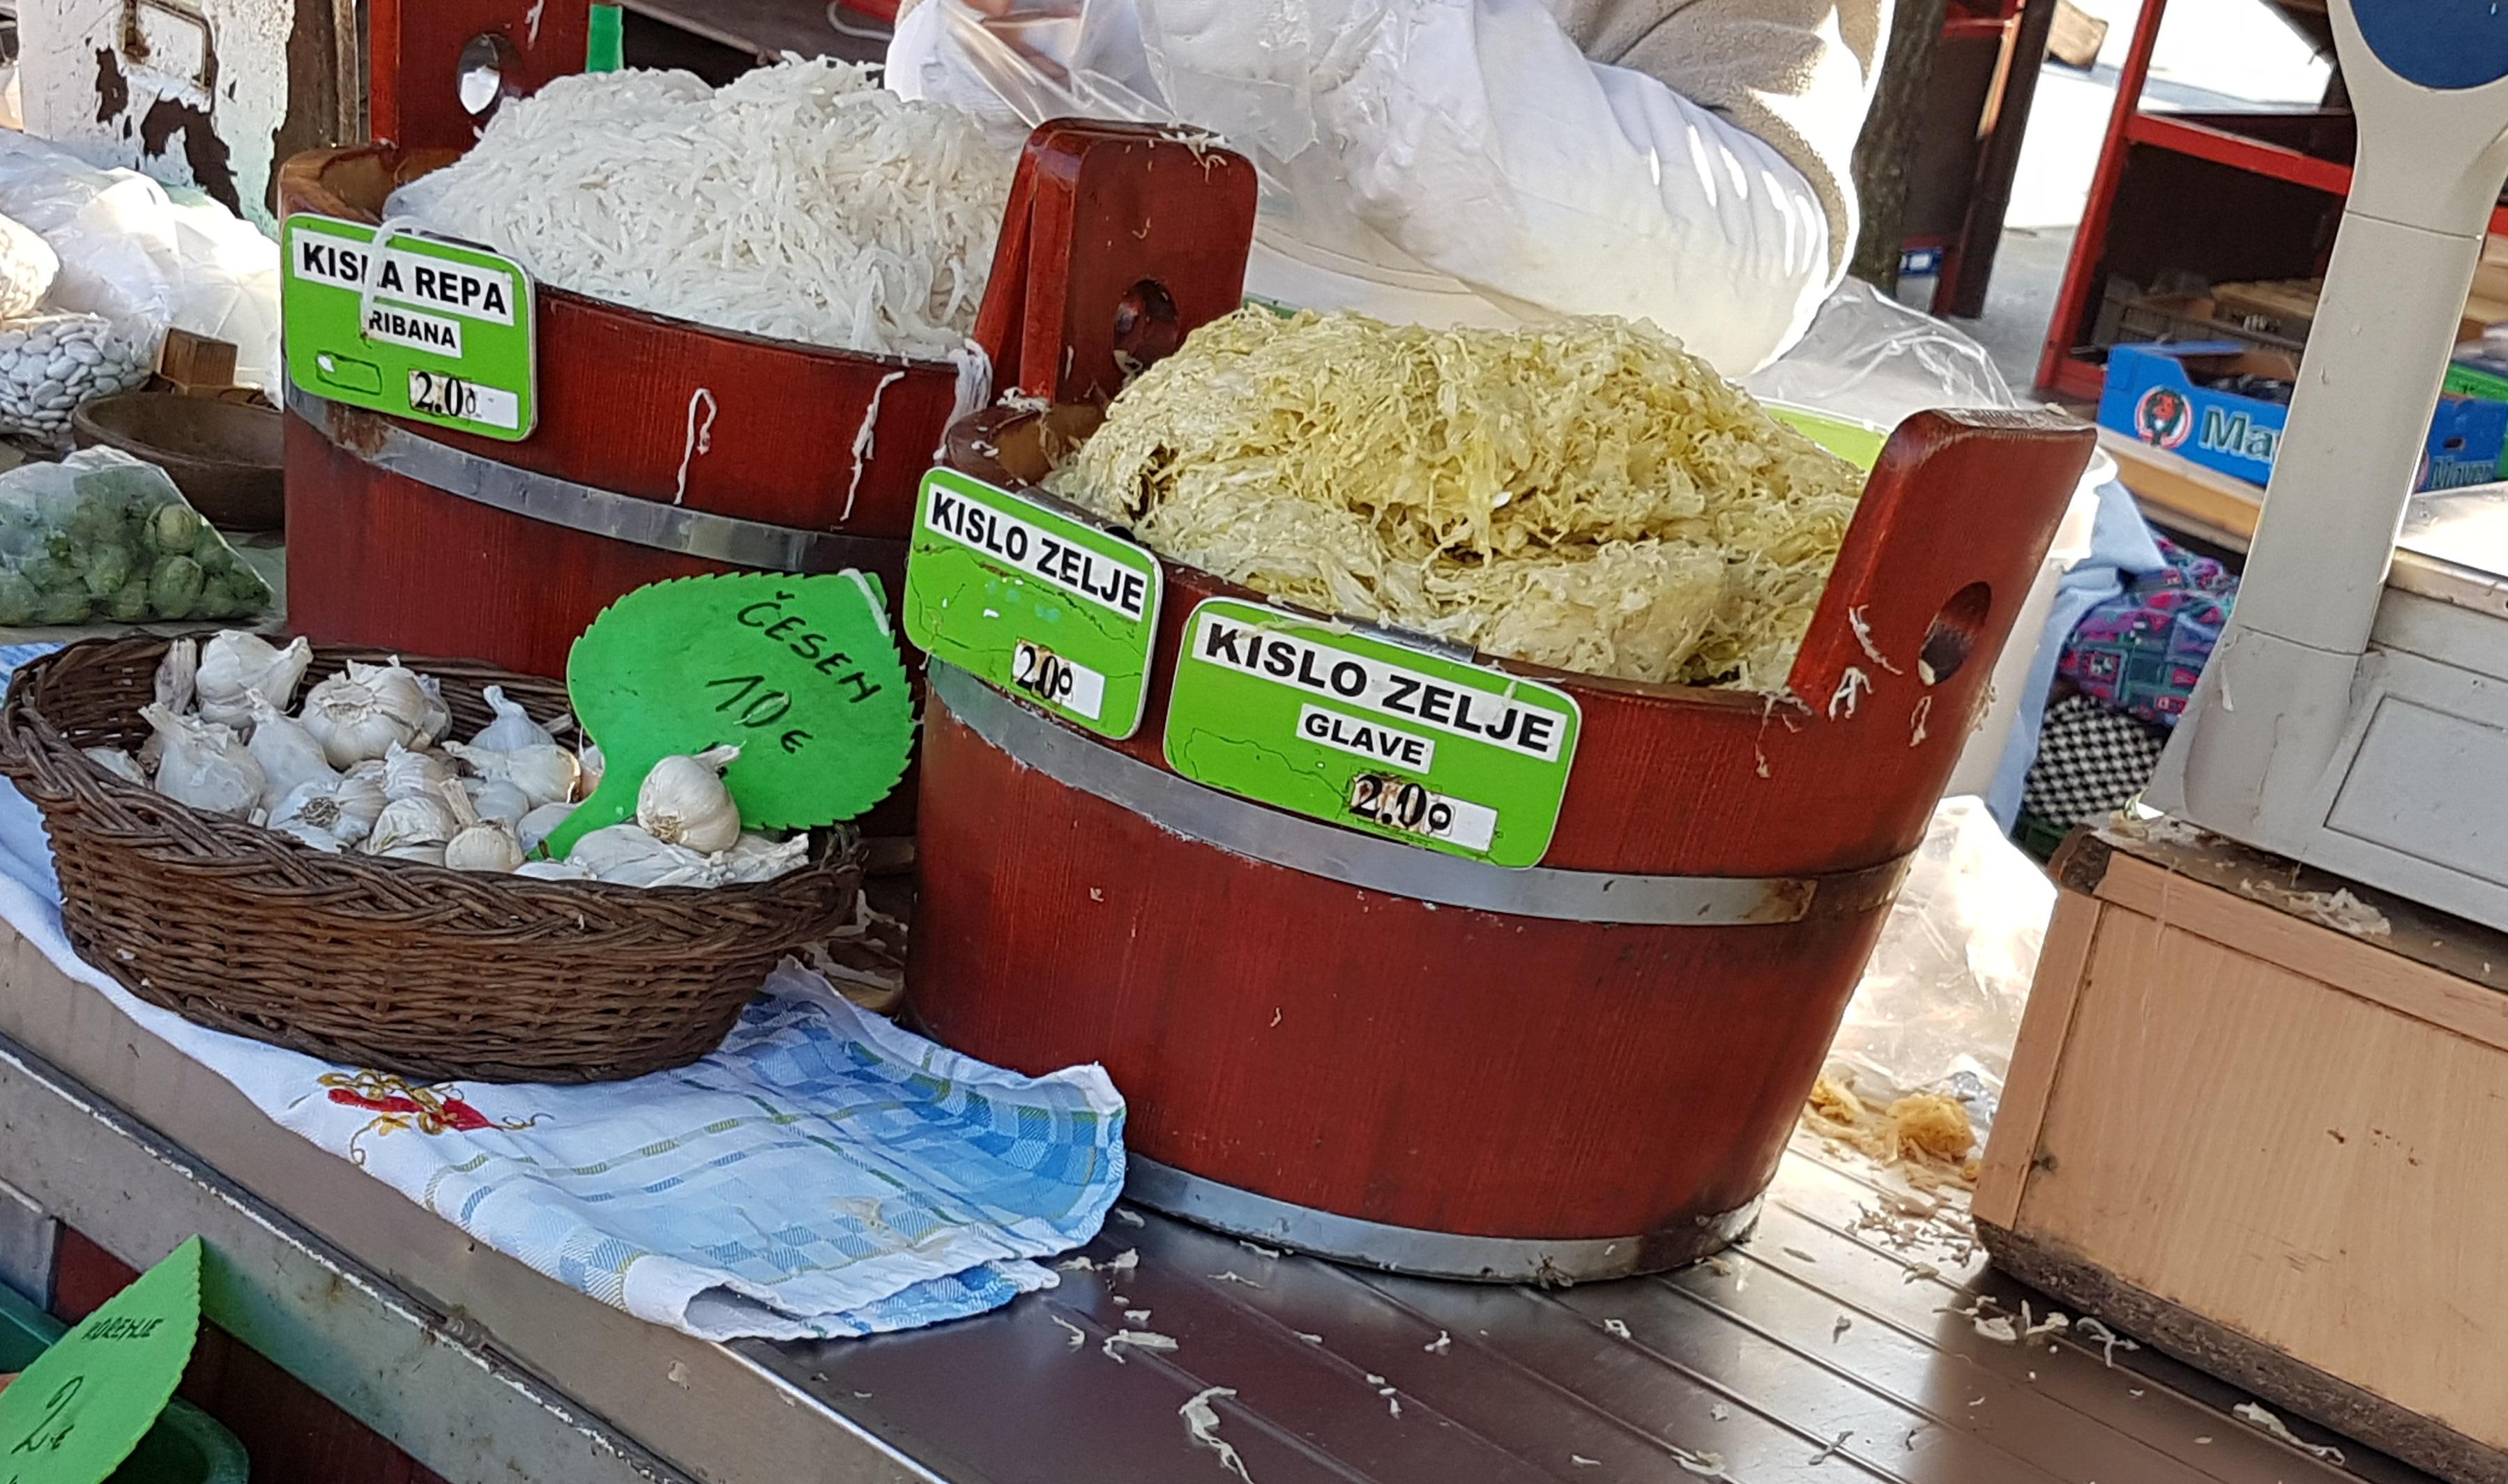 Selling sauerkraut on market